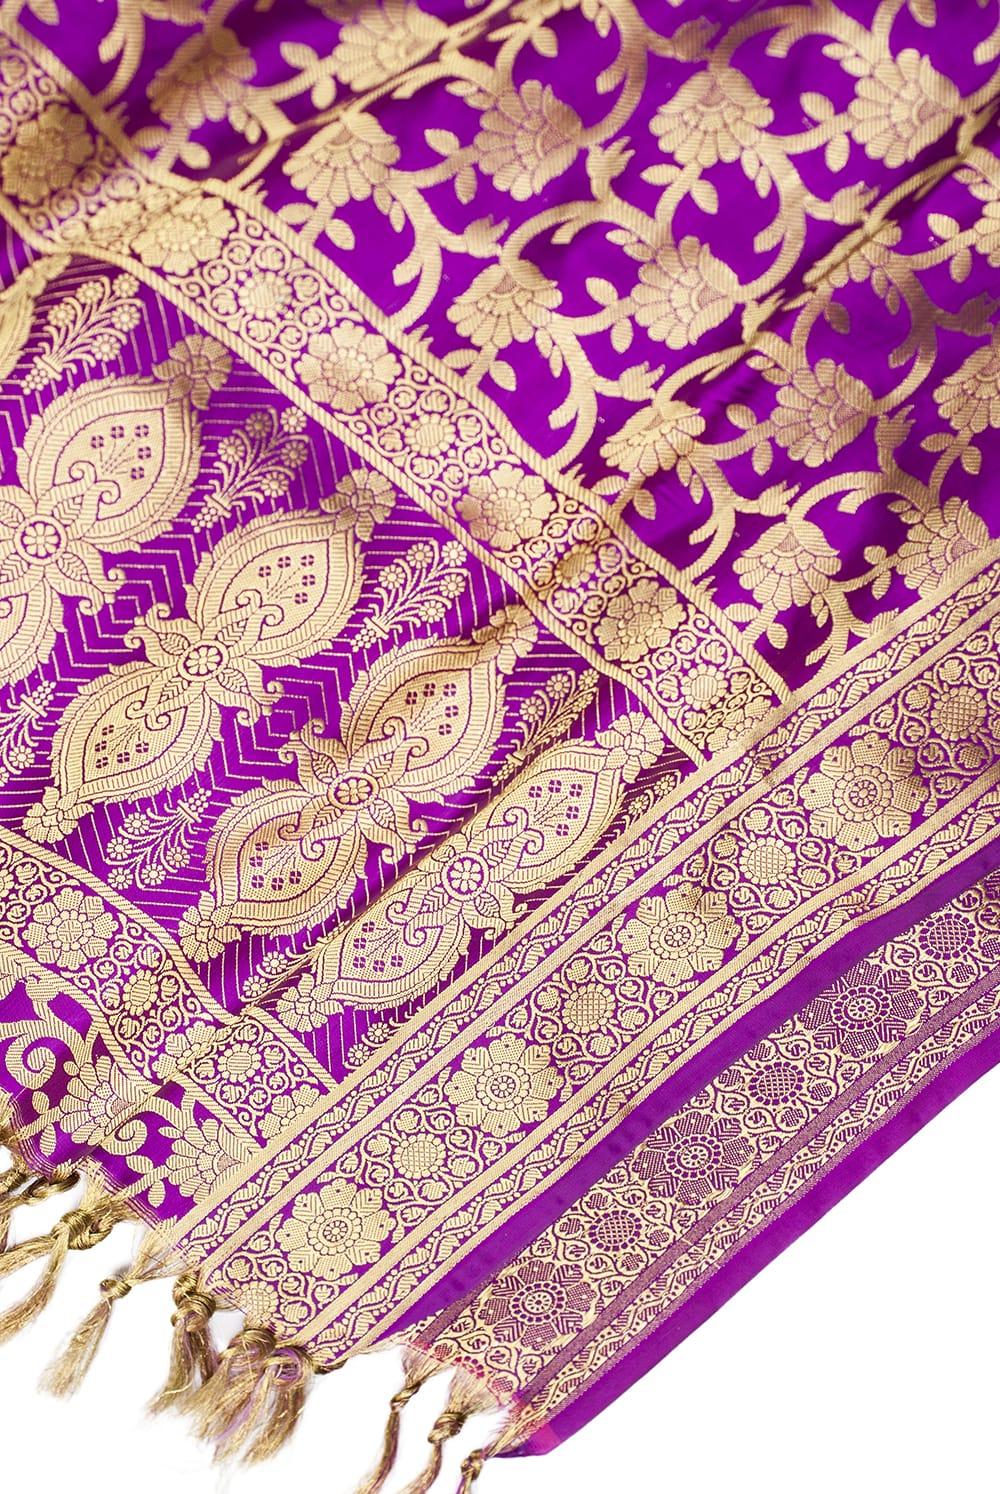 (大判)金色刺繍のデコレーション布 - 唐草・パープル 3 - 端に近い方の部分の拡大写真です。エスニックな文様が美しいですね。